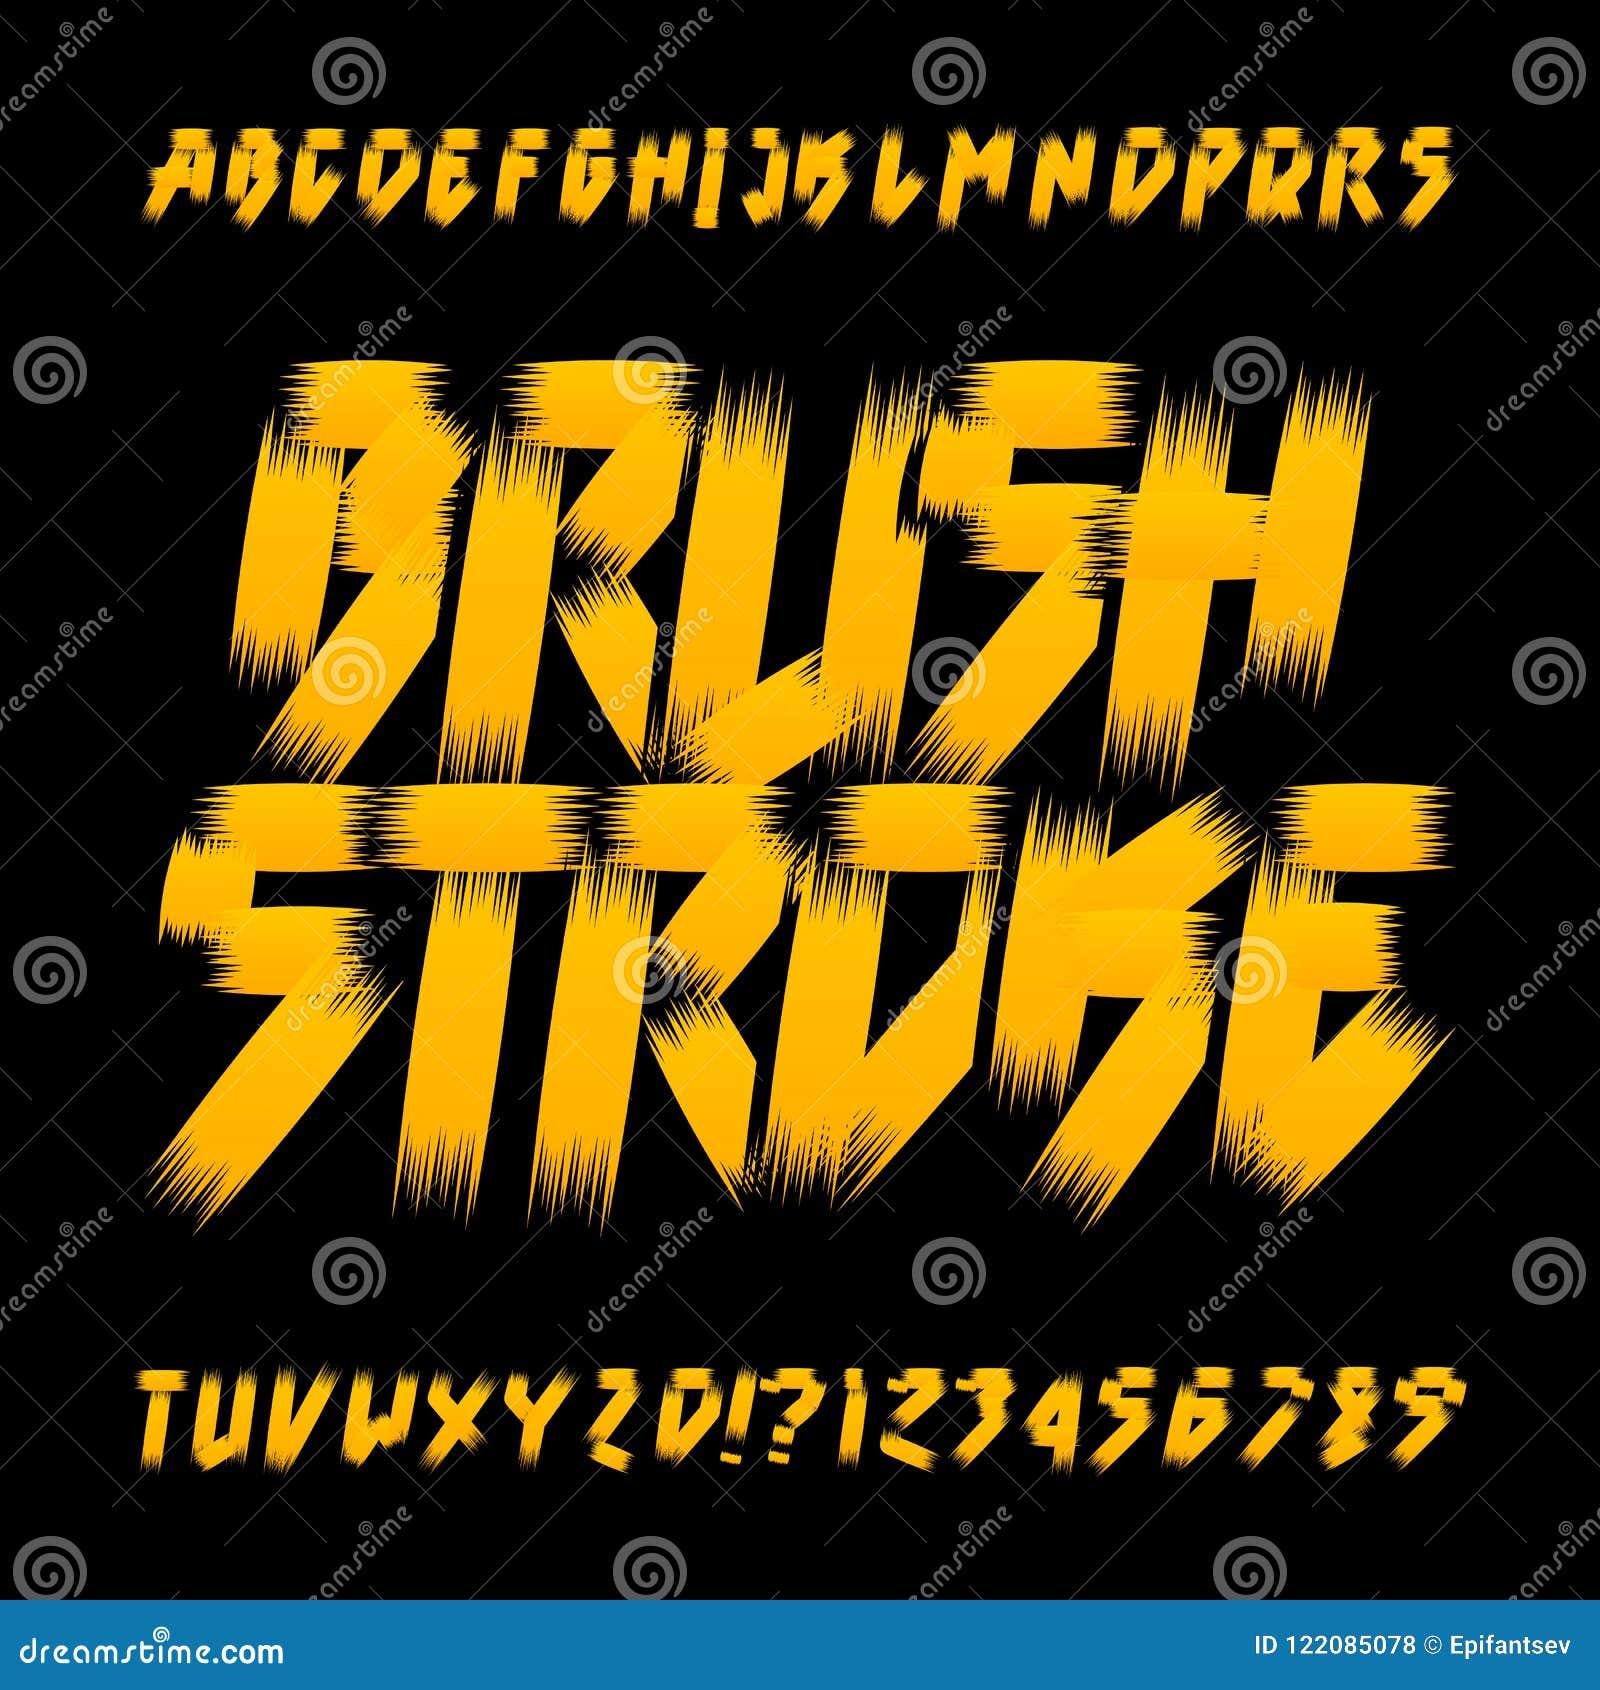 Brushstroke Alphabet Font  Uppercase Messy Grunge Letters  Stock